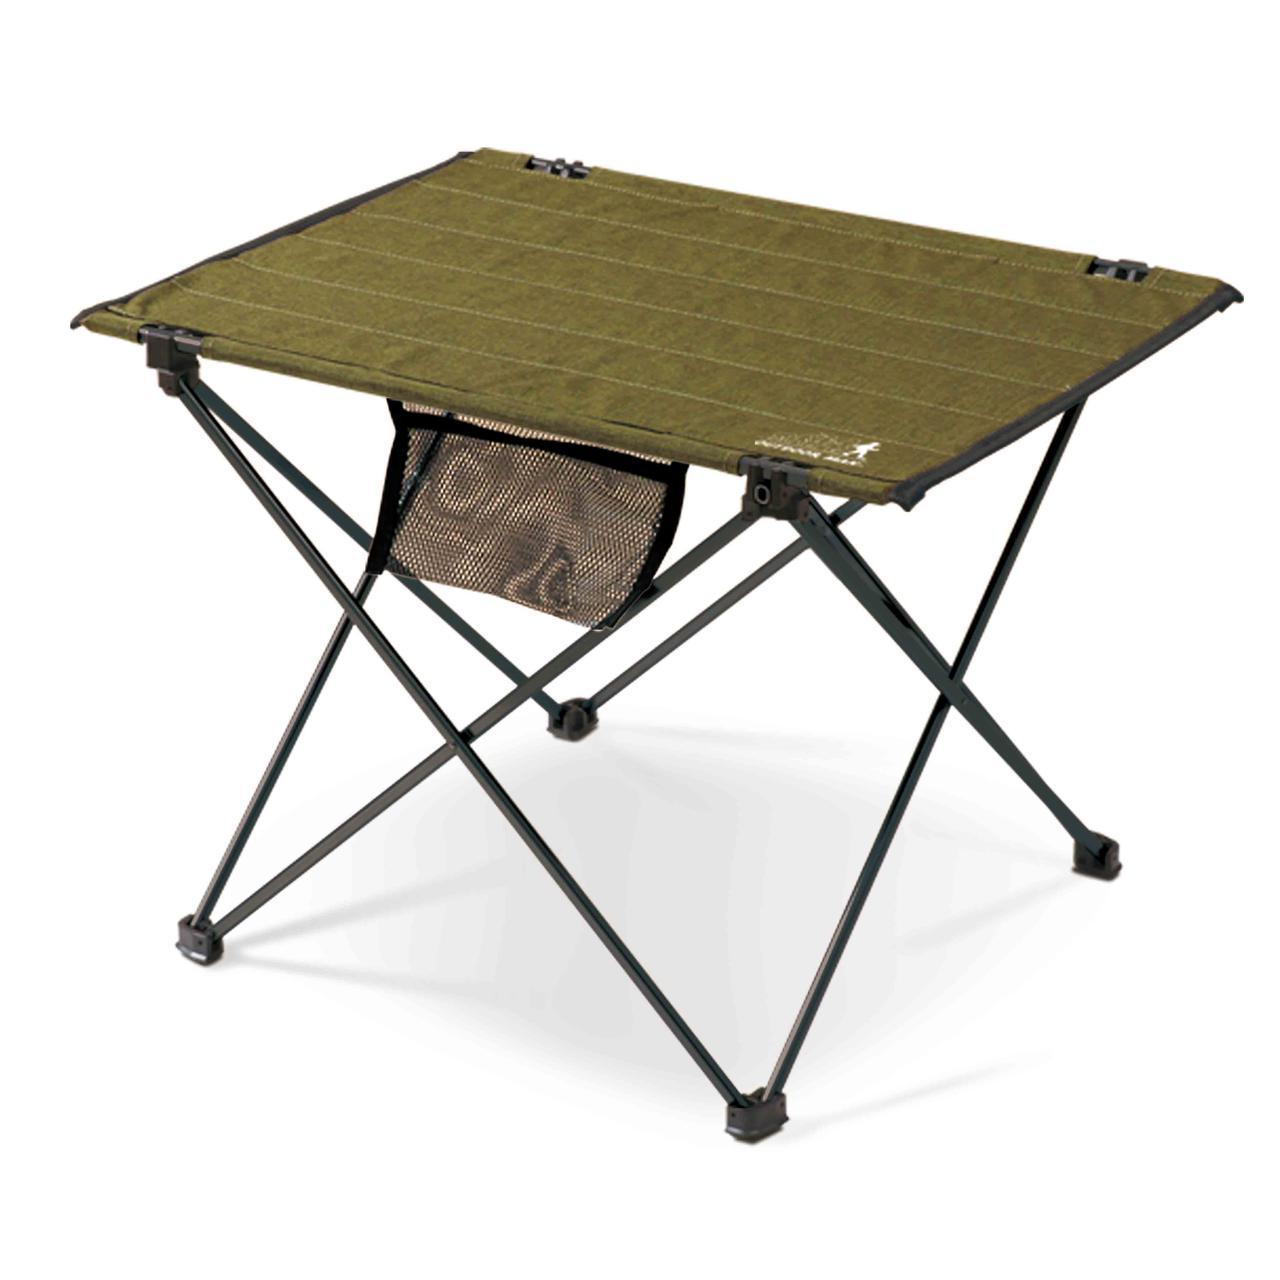 画像1: ハンギングチェーンが便利!ロールアップタイプのテーブル「HANGING CHAIN TABLE」